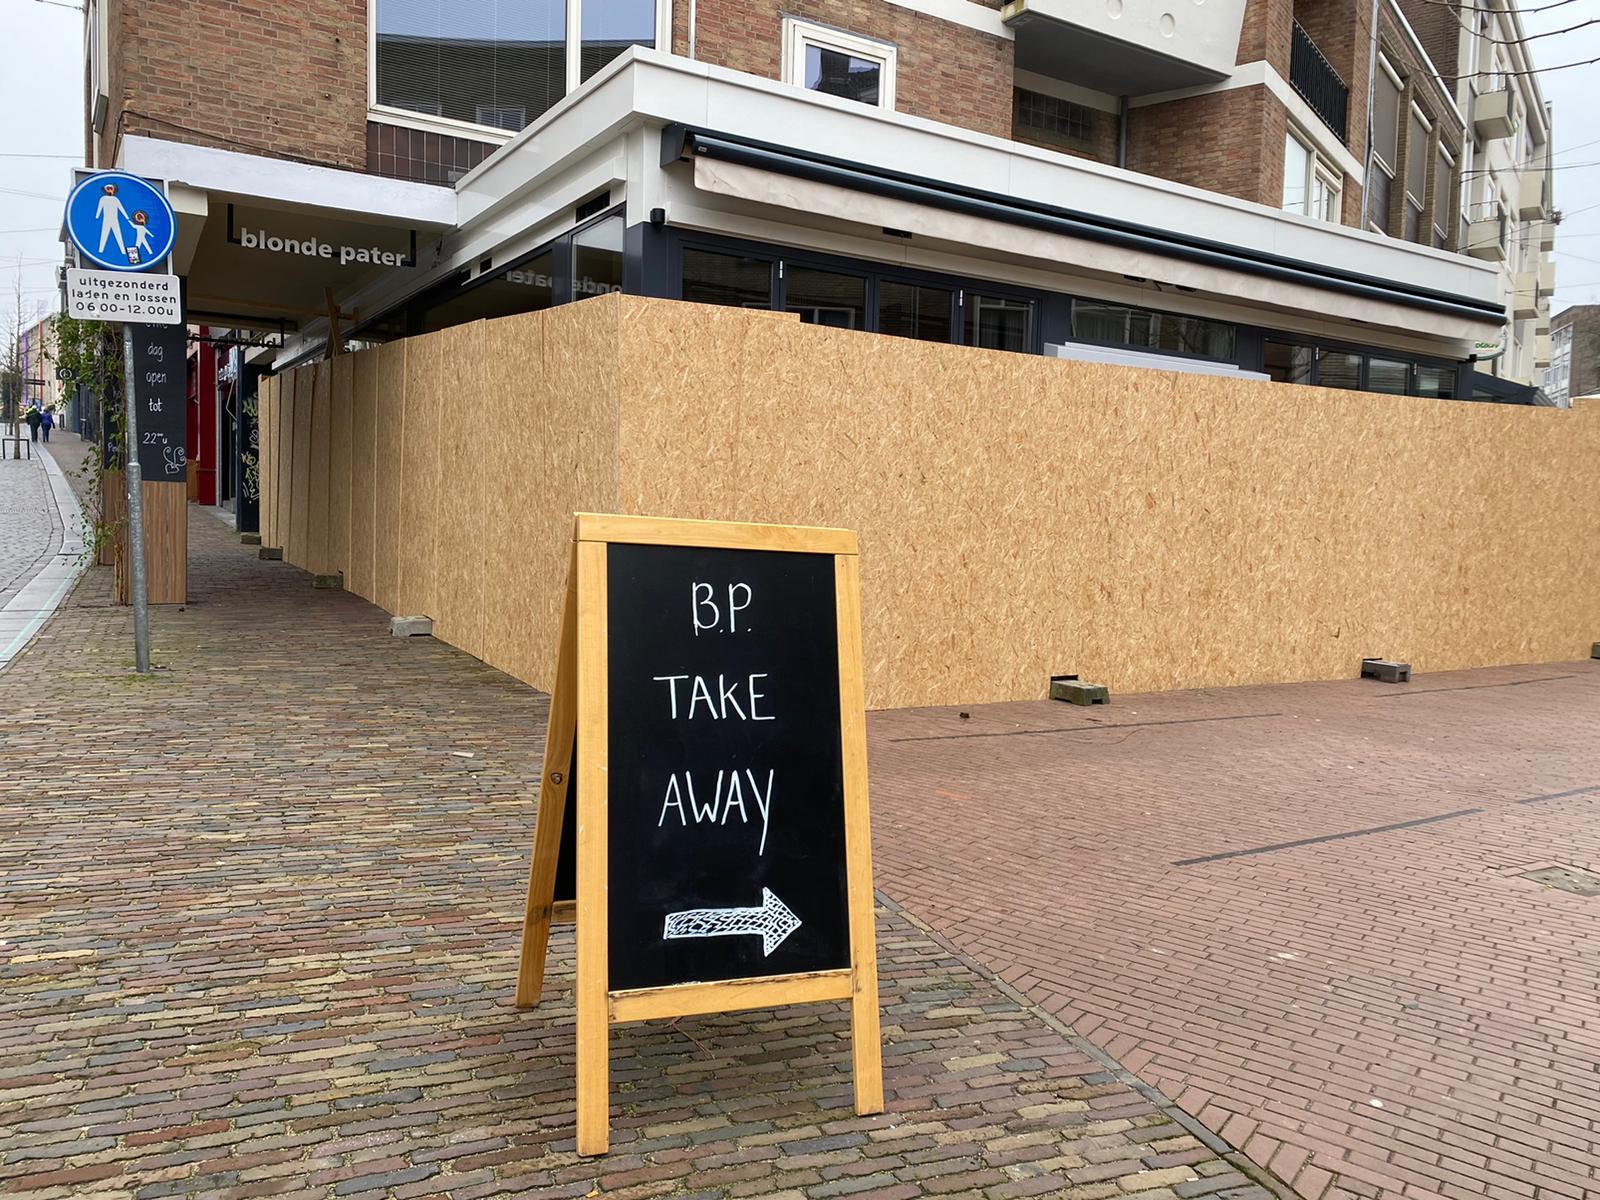 gluhwein in Nijmegen